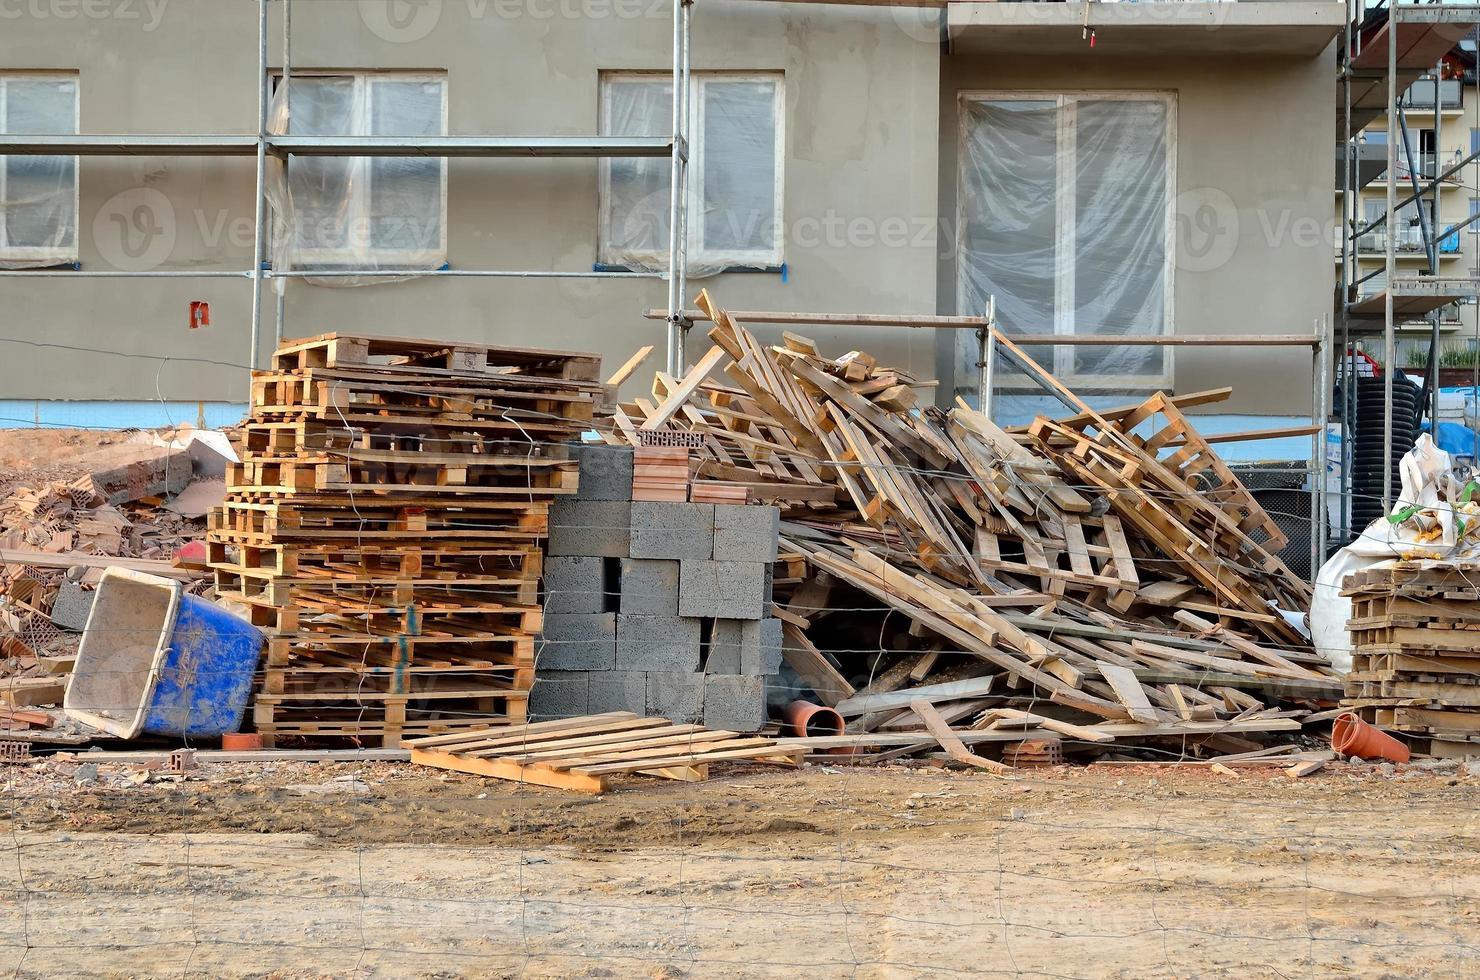 bloque de pisos en construccion. foto